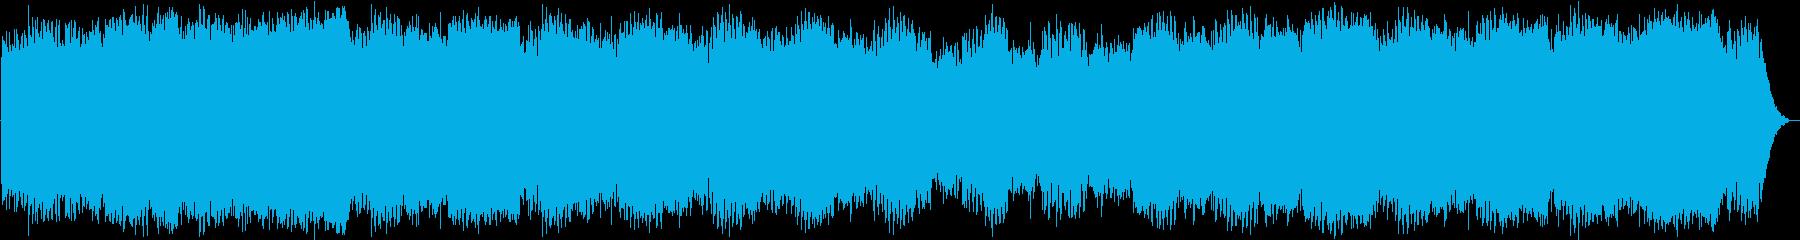 アンビエント ランドスケープ 環境音楽の再生済みの波形